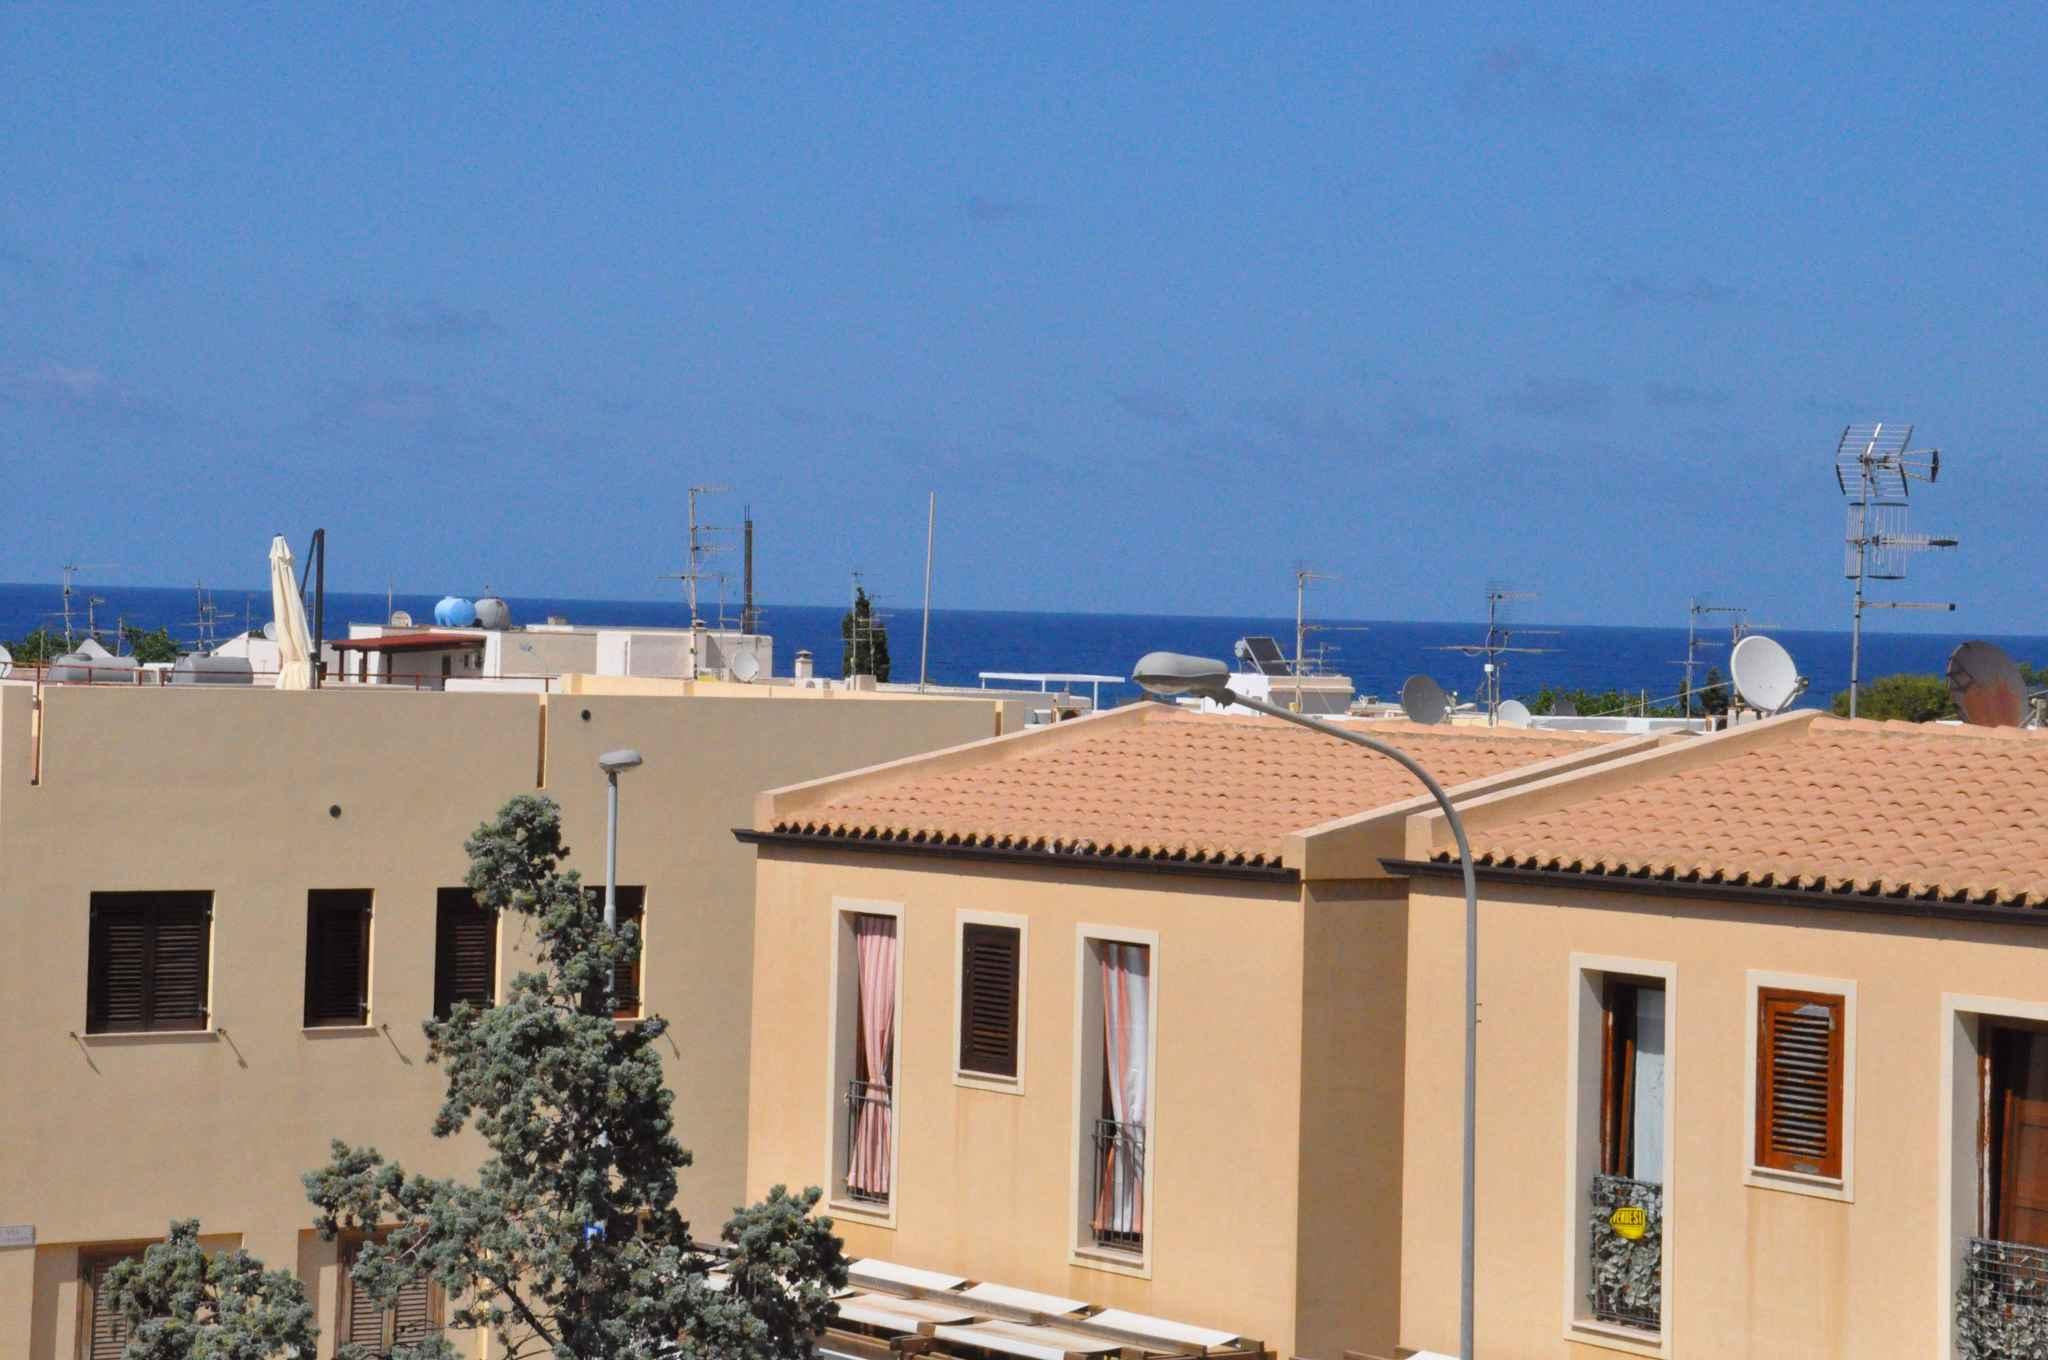 Maison de vacances con veranda vista mare (2111965), San Vito Lo Capo, Trapani, Sicile, Italie, image 2